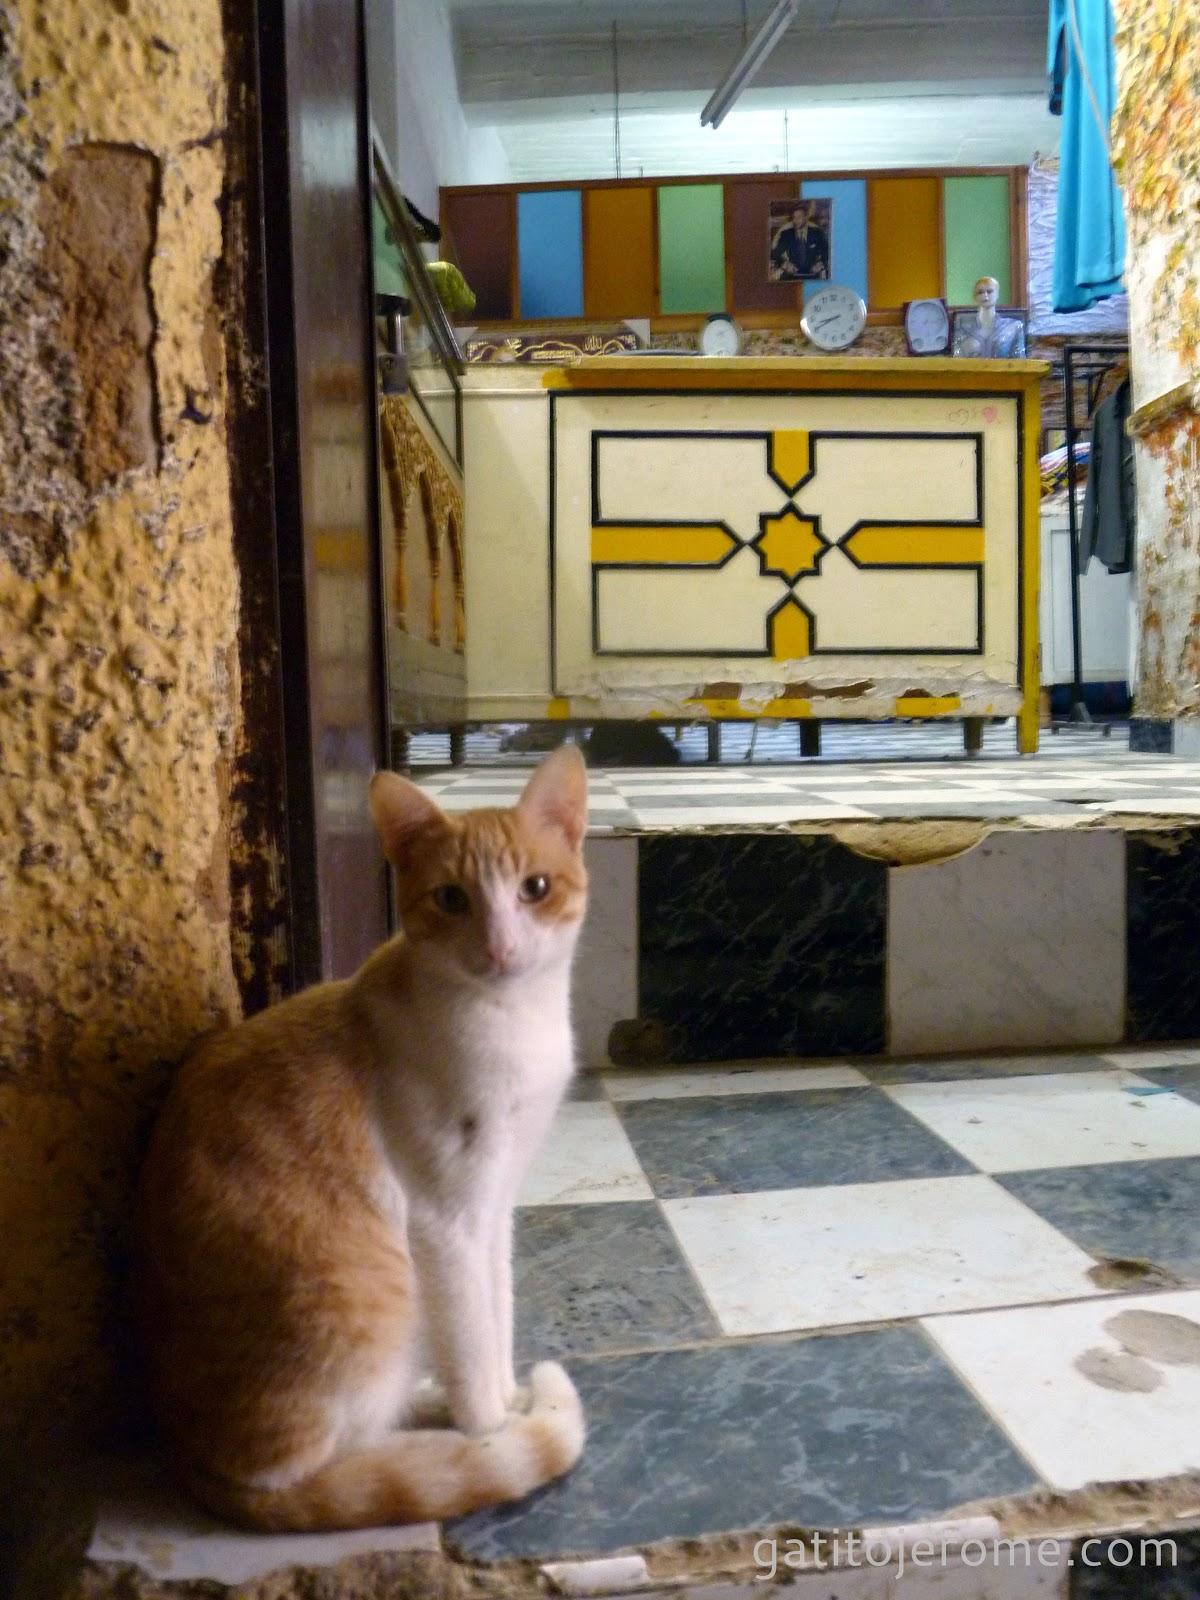 Gato sentado en el escalón de una casa en la ciudad de Fez.